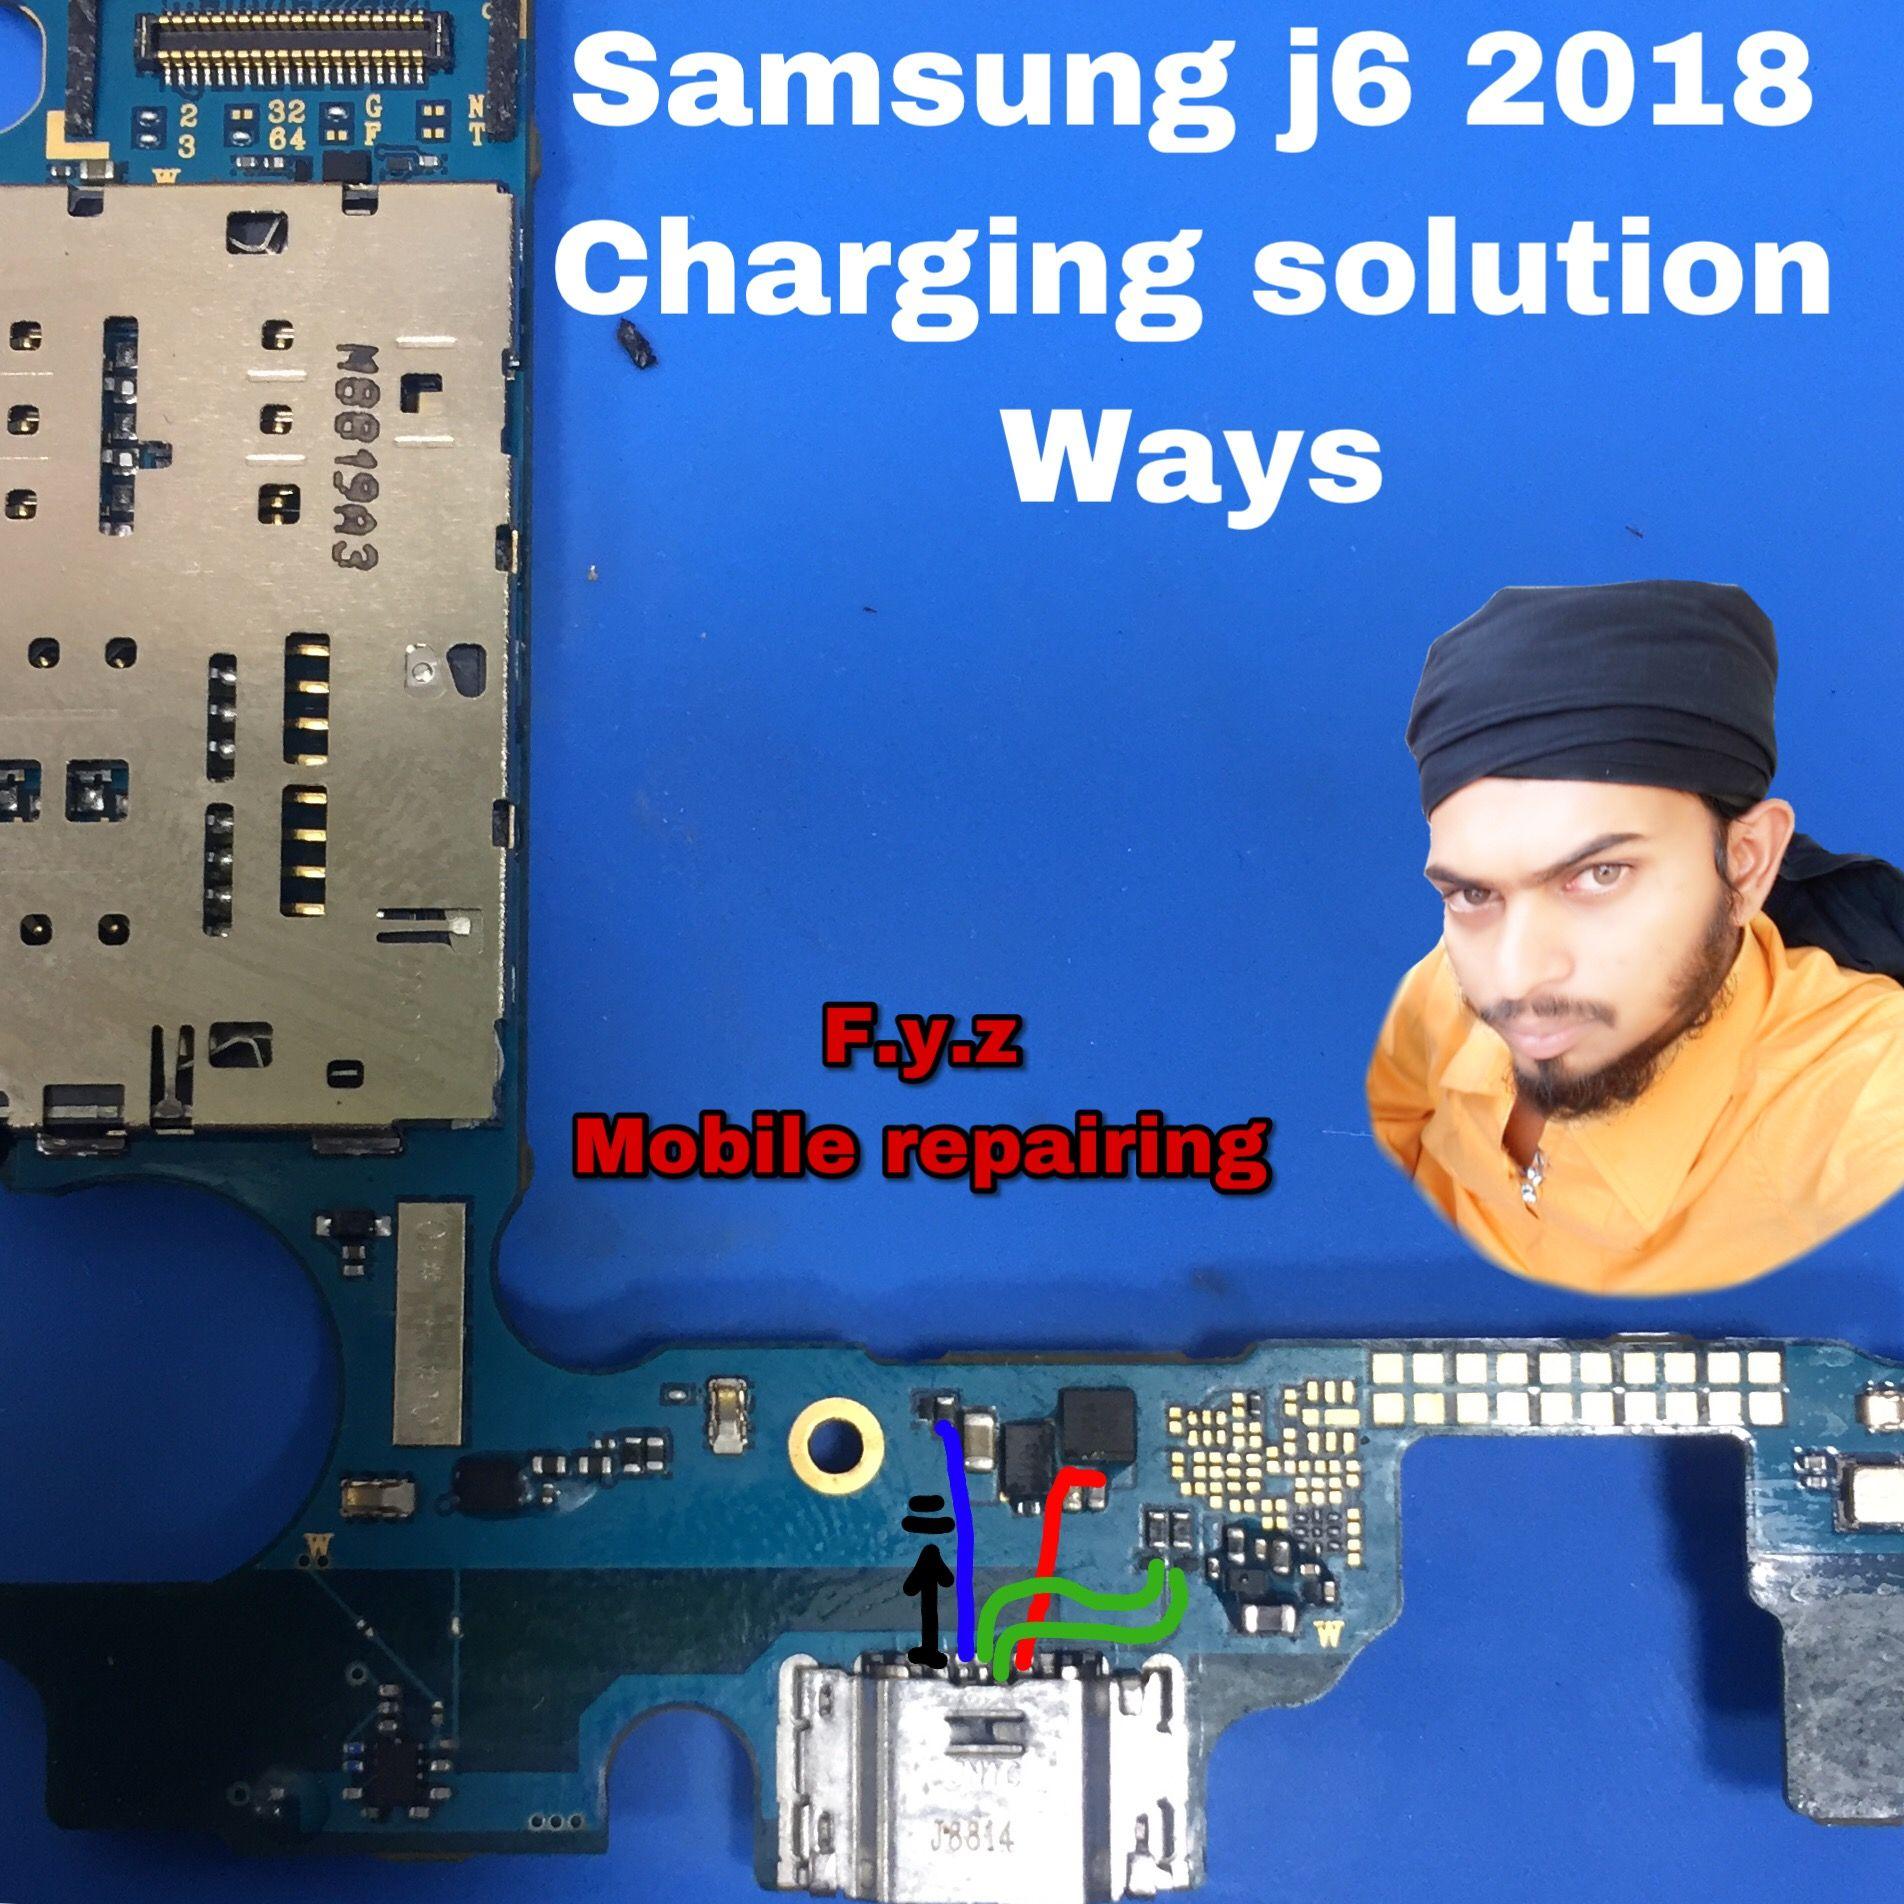 Samsung j6 2018 charging ways | Samsung in 2019 | Samsung, Sports